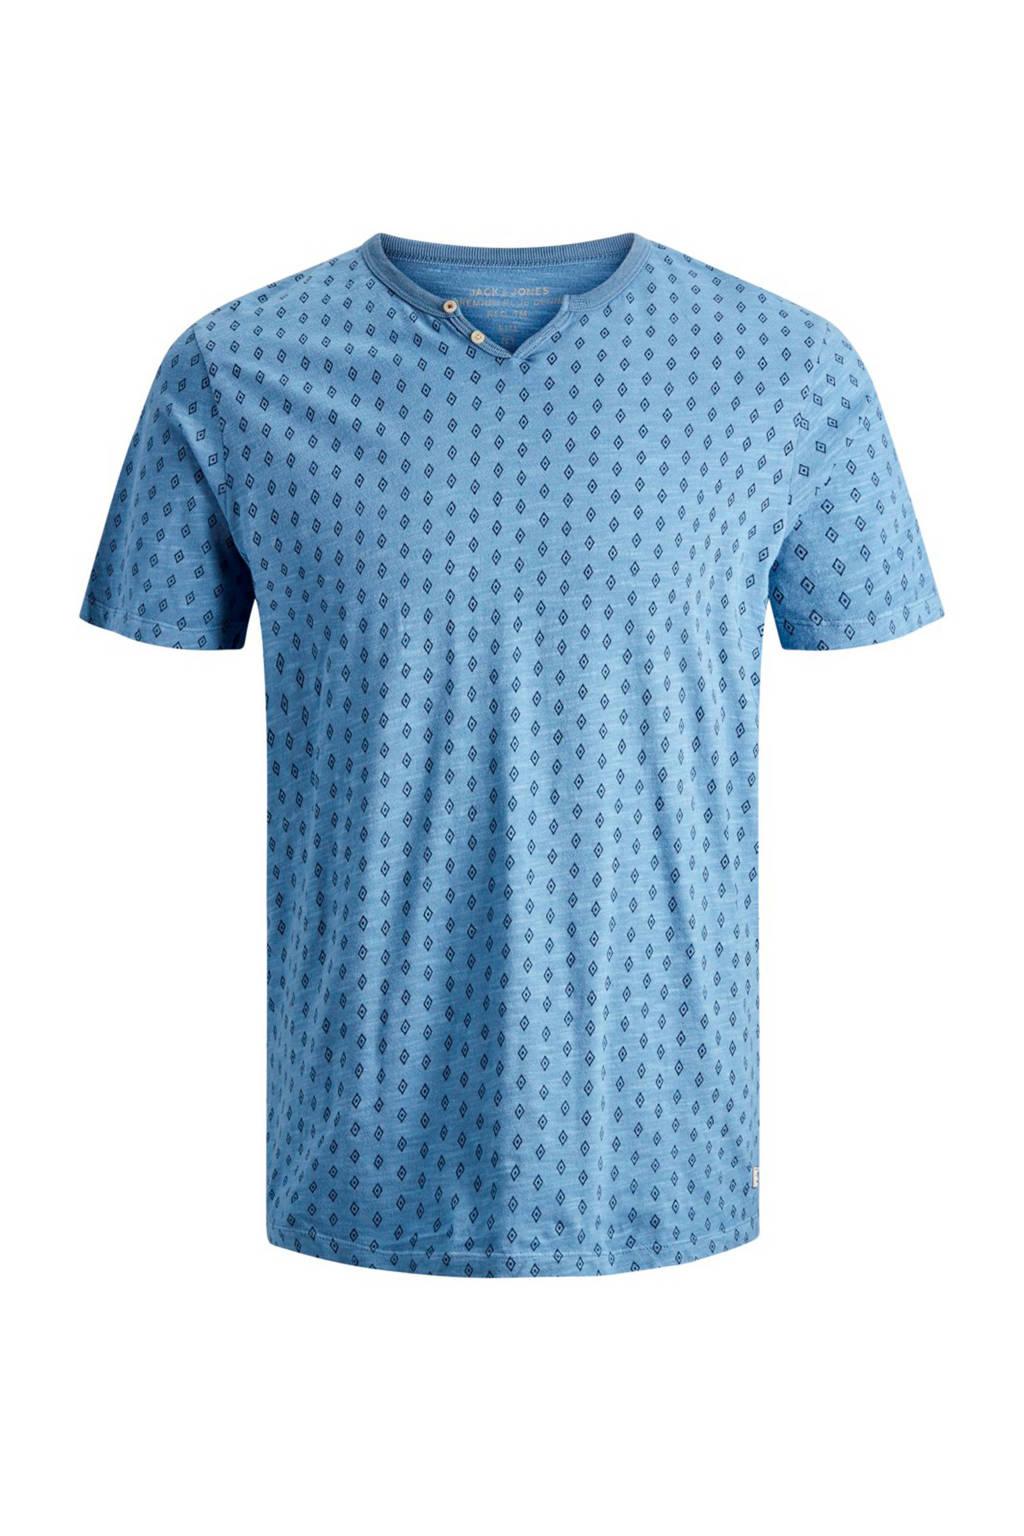 Jack & Jones Premium slim fit T-shirt, Lichtblauw